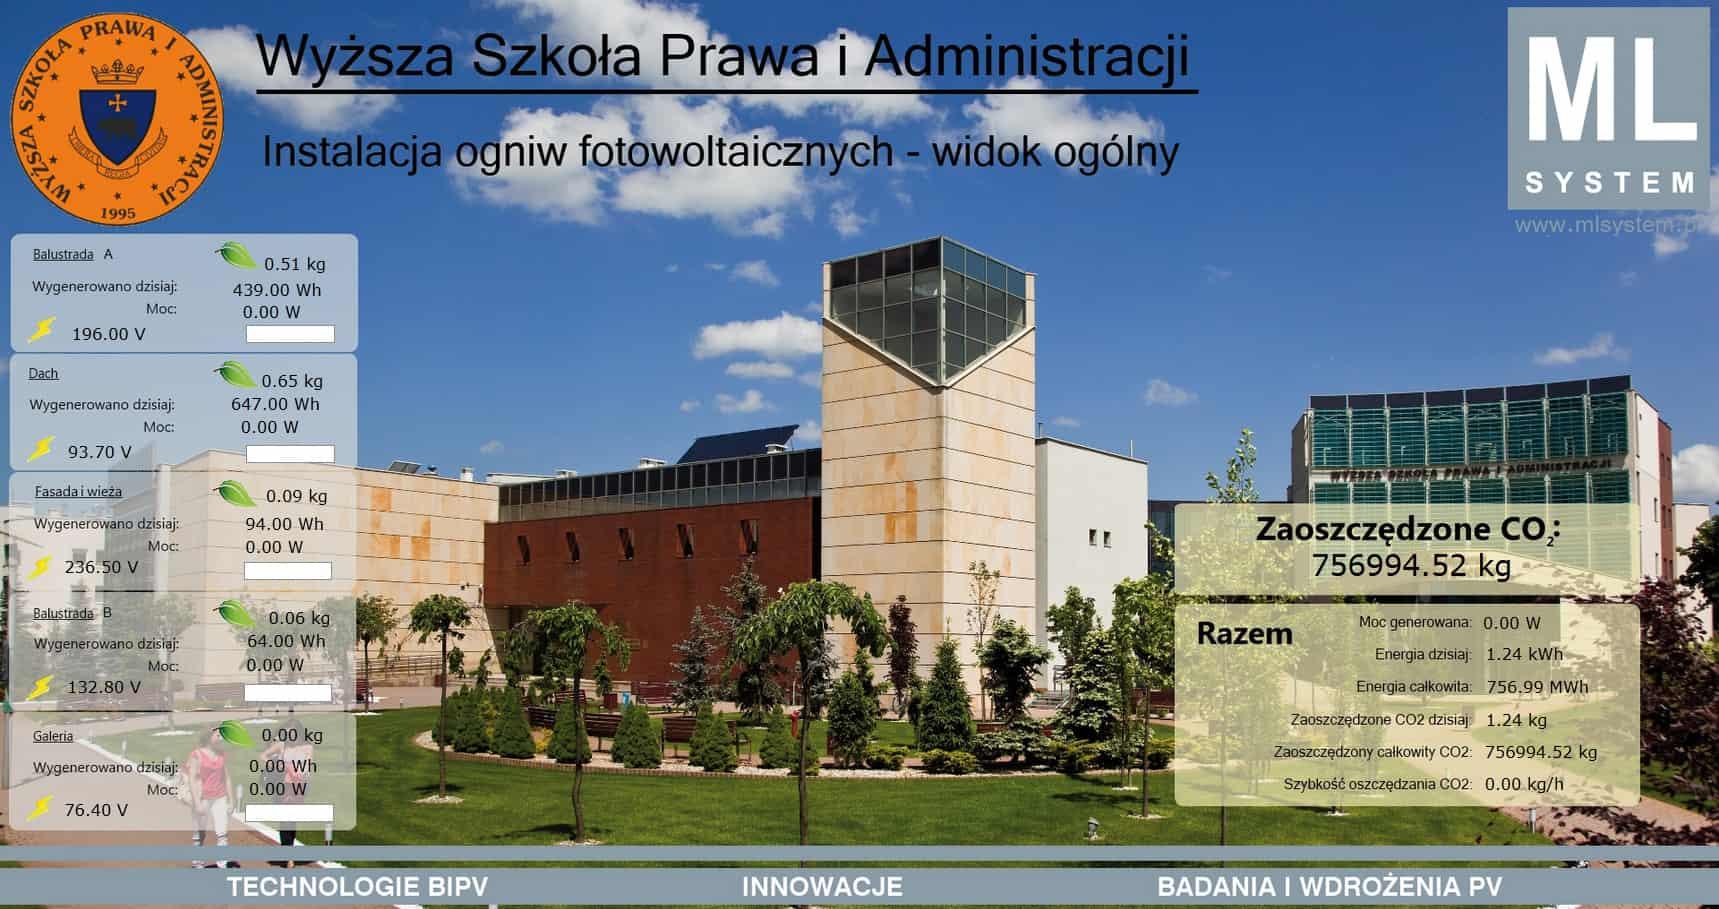 Rzeszów / Wyższa Szkoła Prawa i Administracji